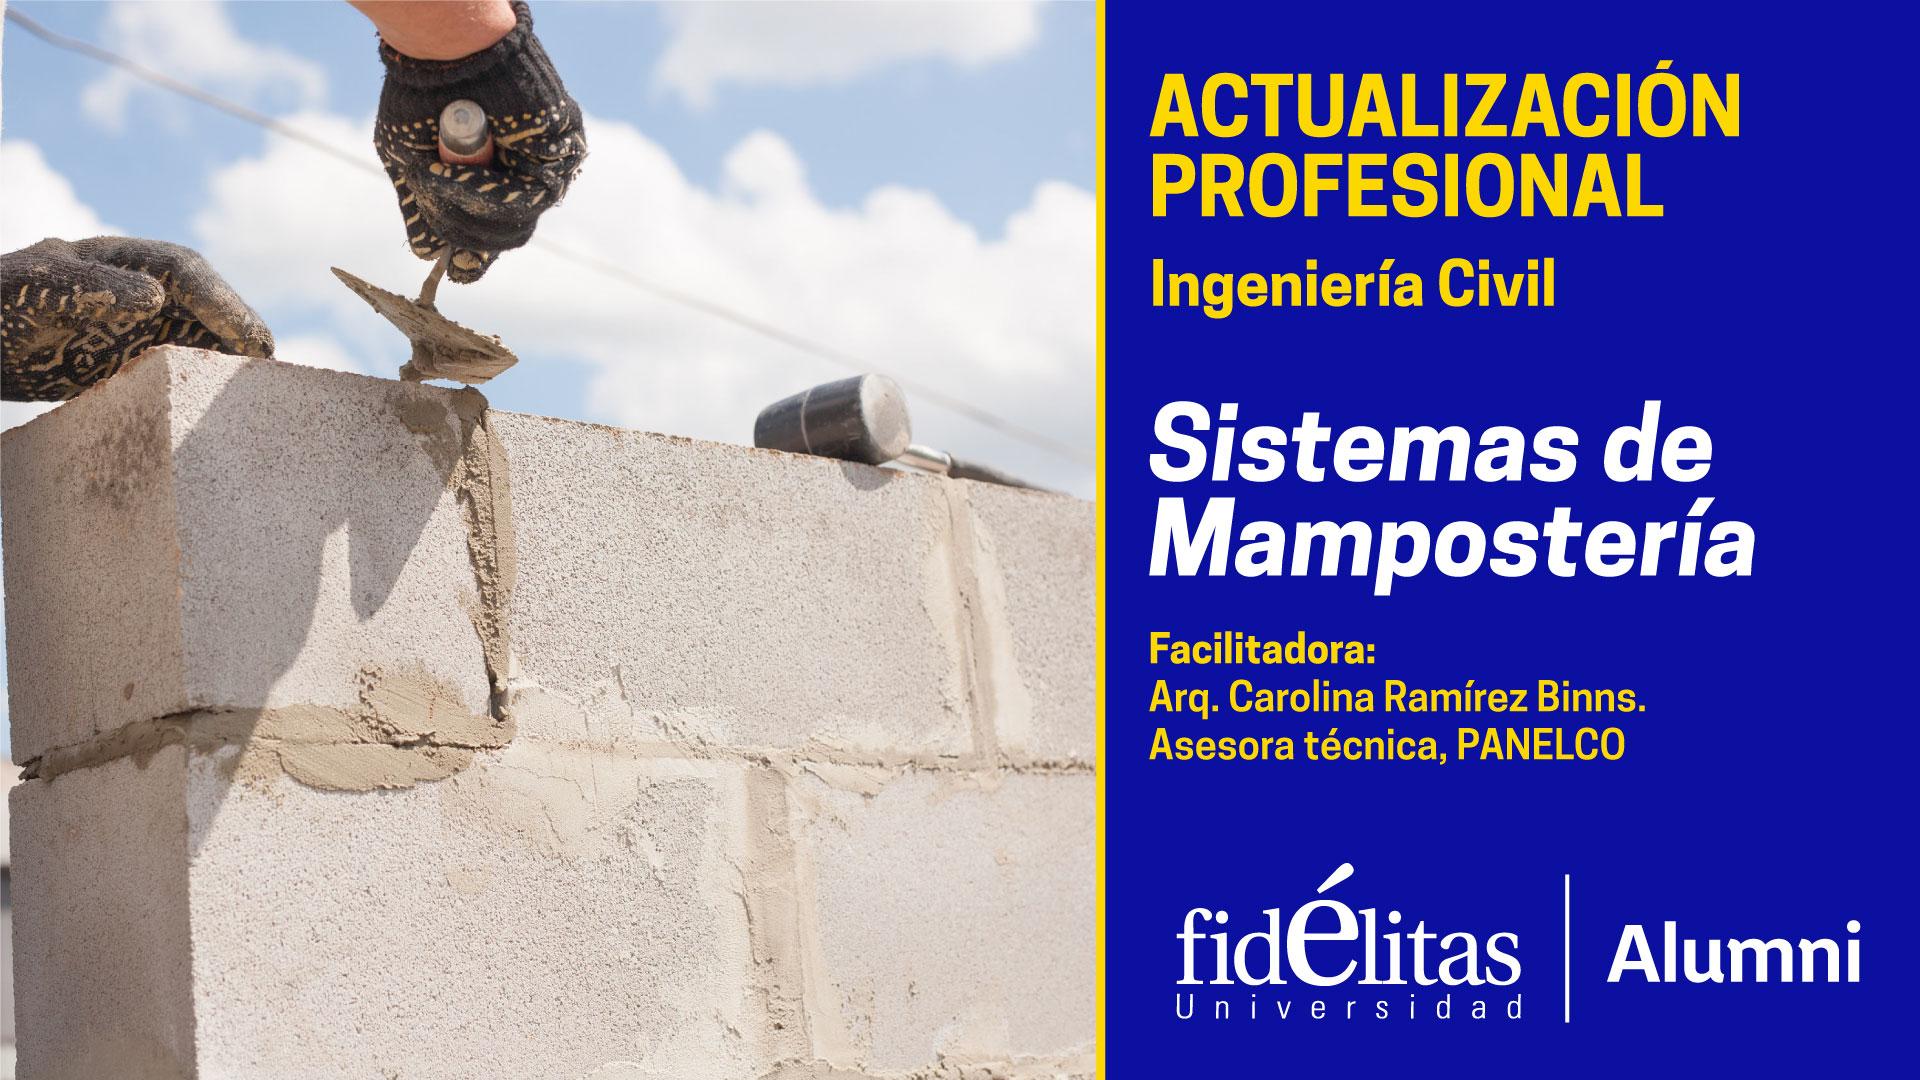 La Universidad Fidélitas en alianza con la empresa Panelco te invitan este 19 de mayo al webinar Capacitación en sistemas de mampostería.